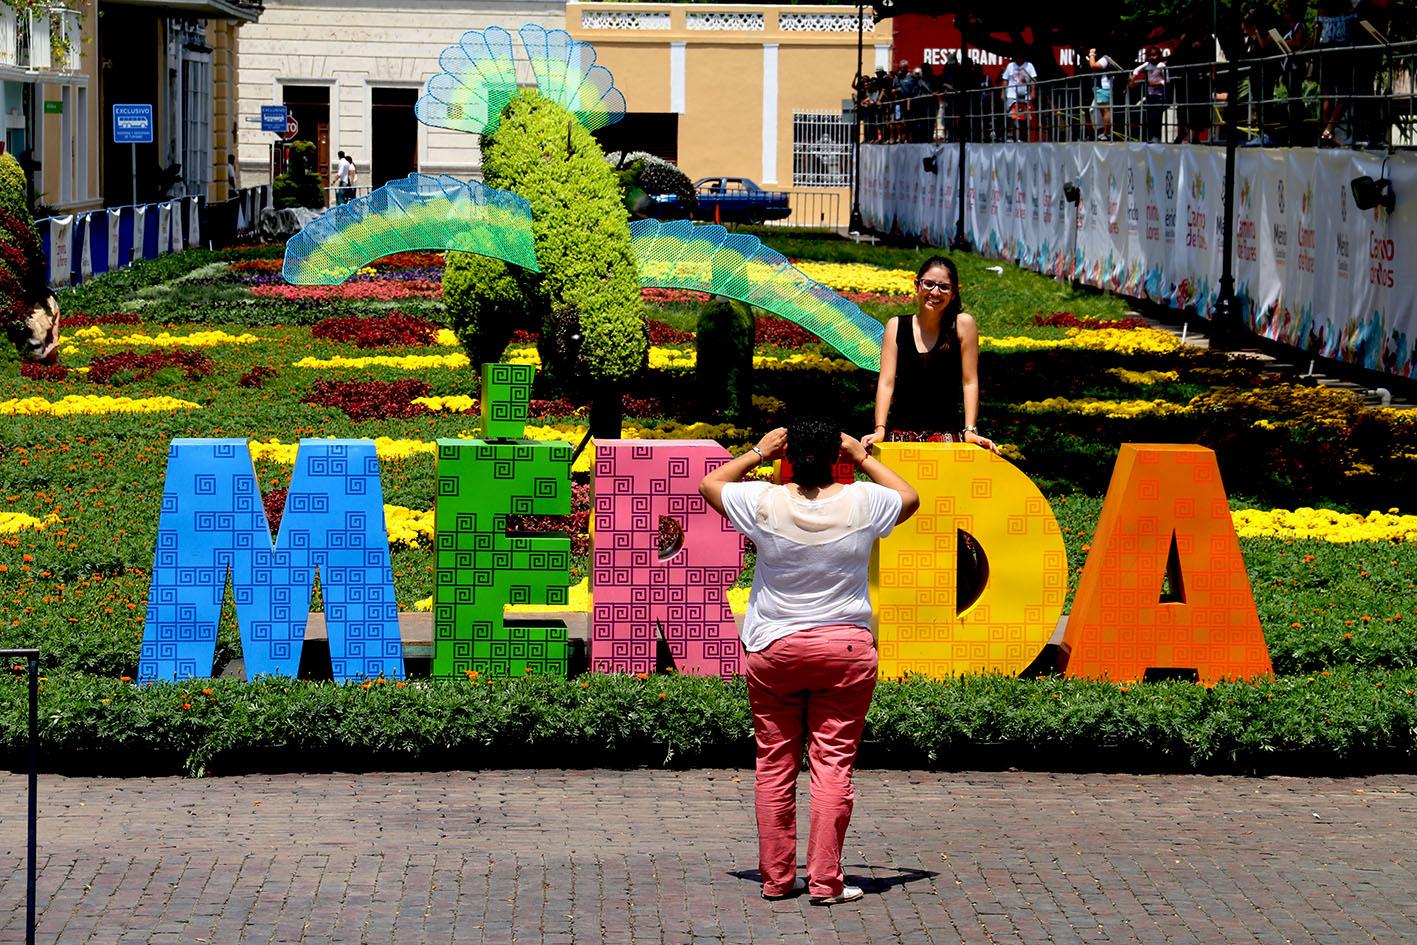 Repunta turismo en Mérida durante primera semana de vacaciones